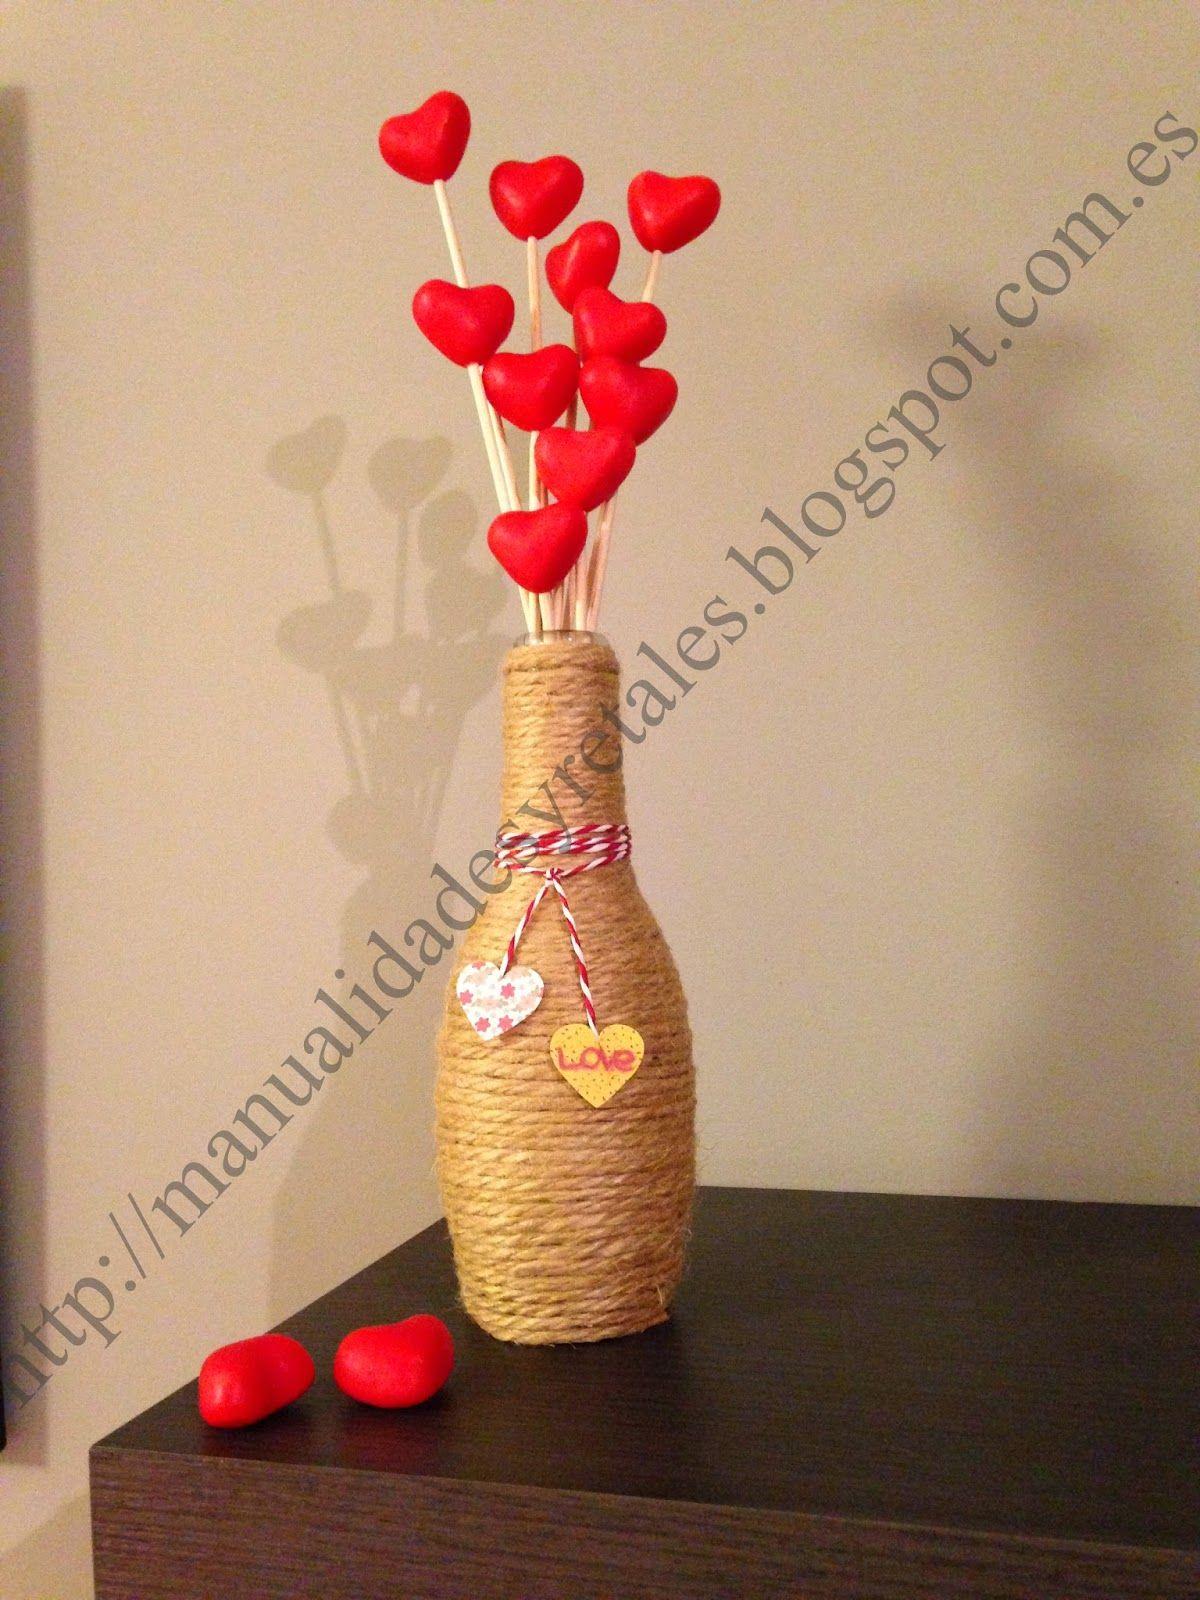 Jarron Romantico Para San Valentin Aprende A Hacer Esta Manualidad